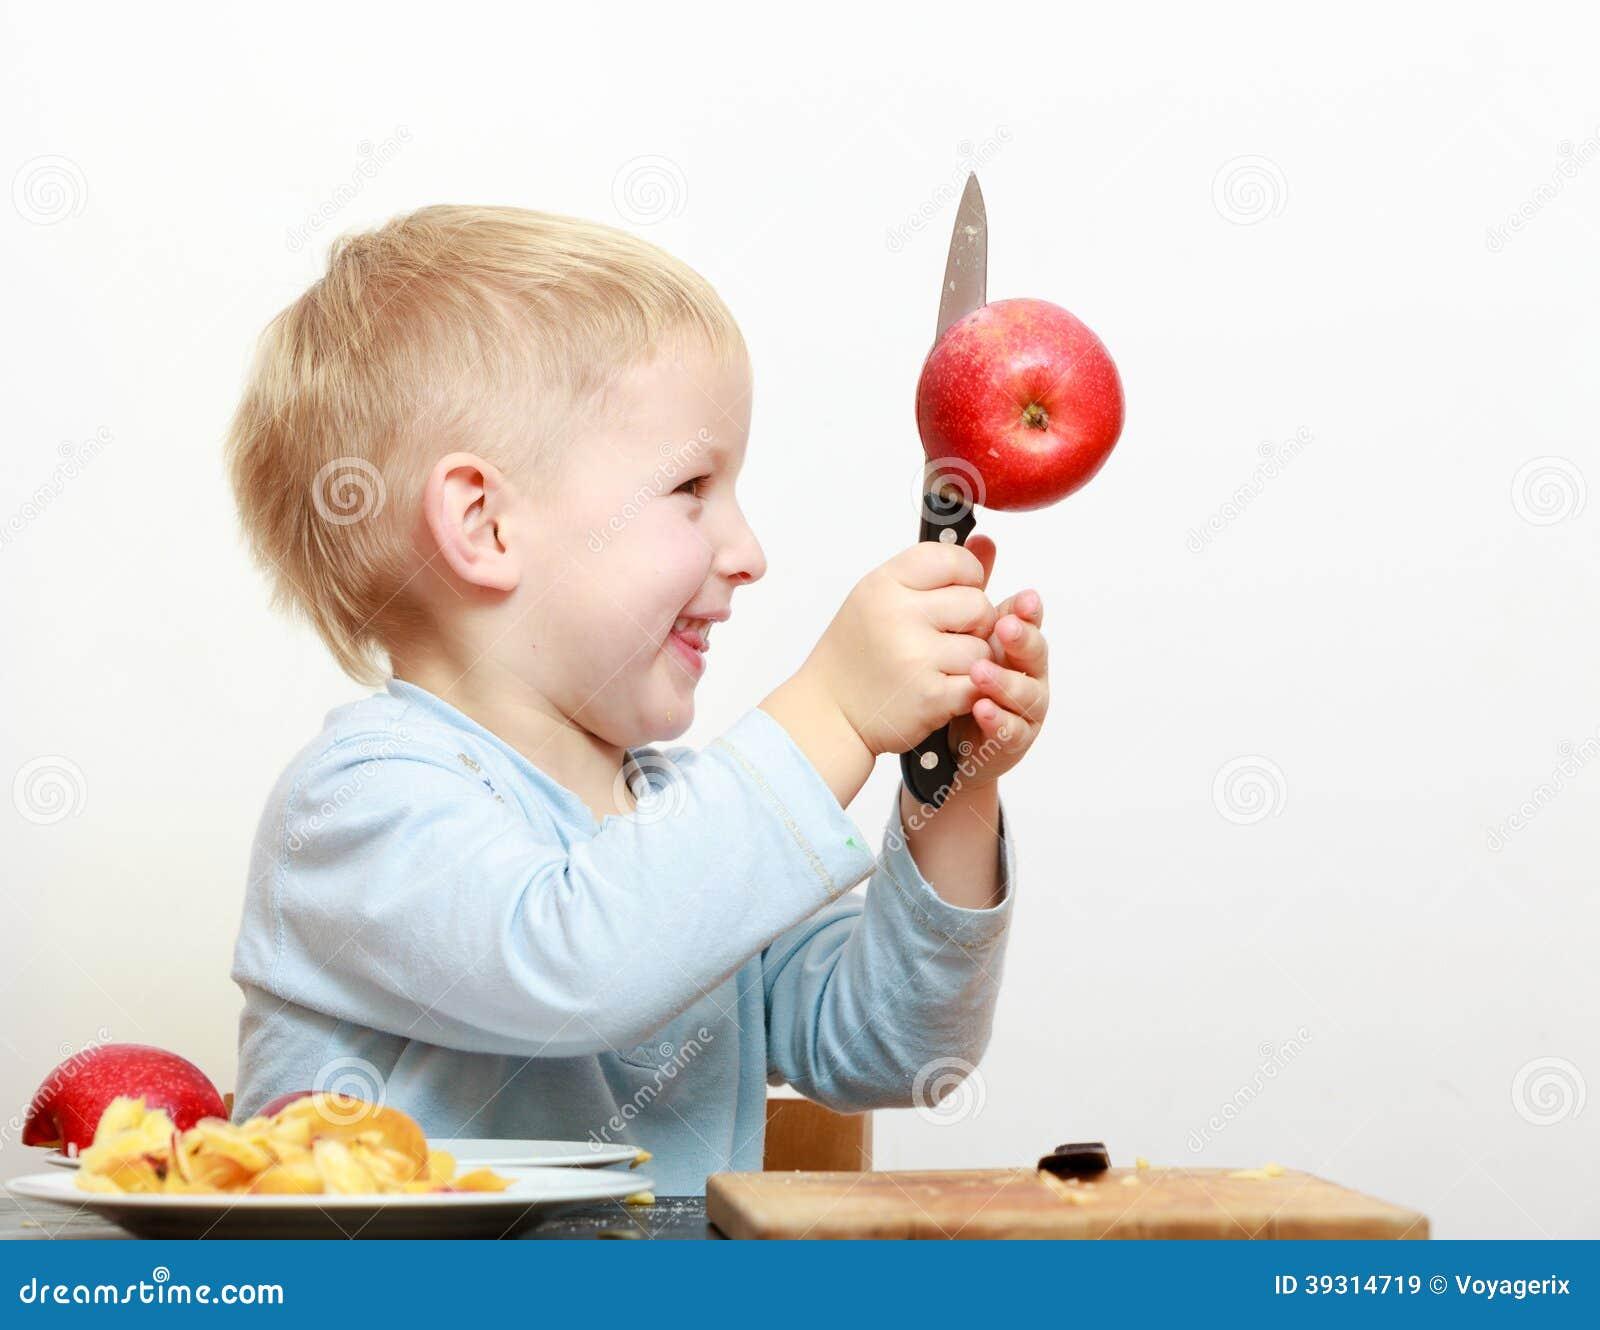 Blond boy child kid preschooler with kitchen knife cutting fruit apple